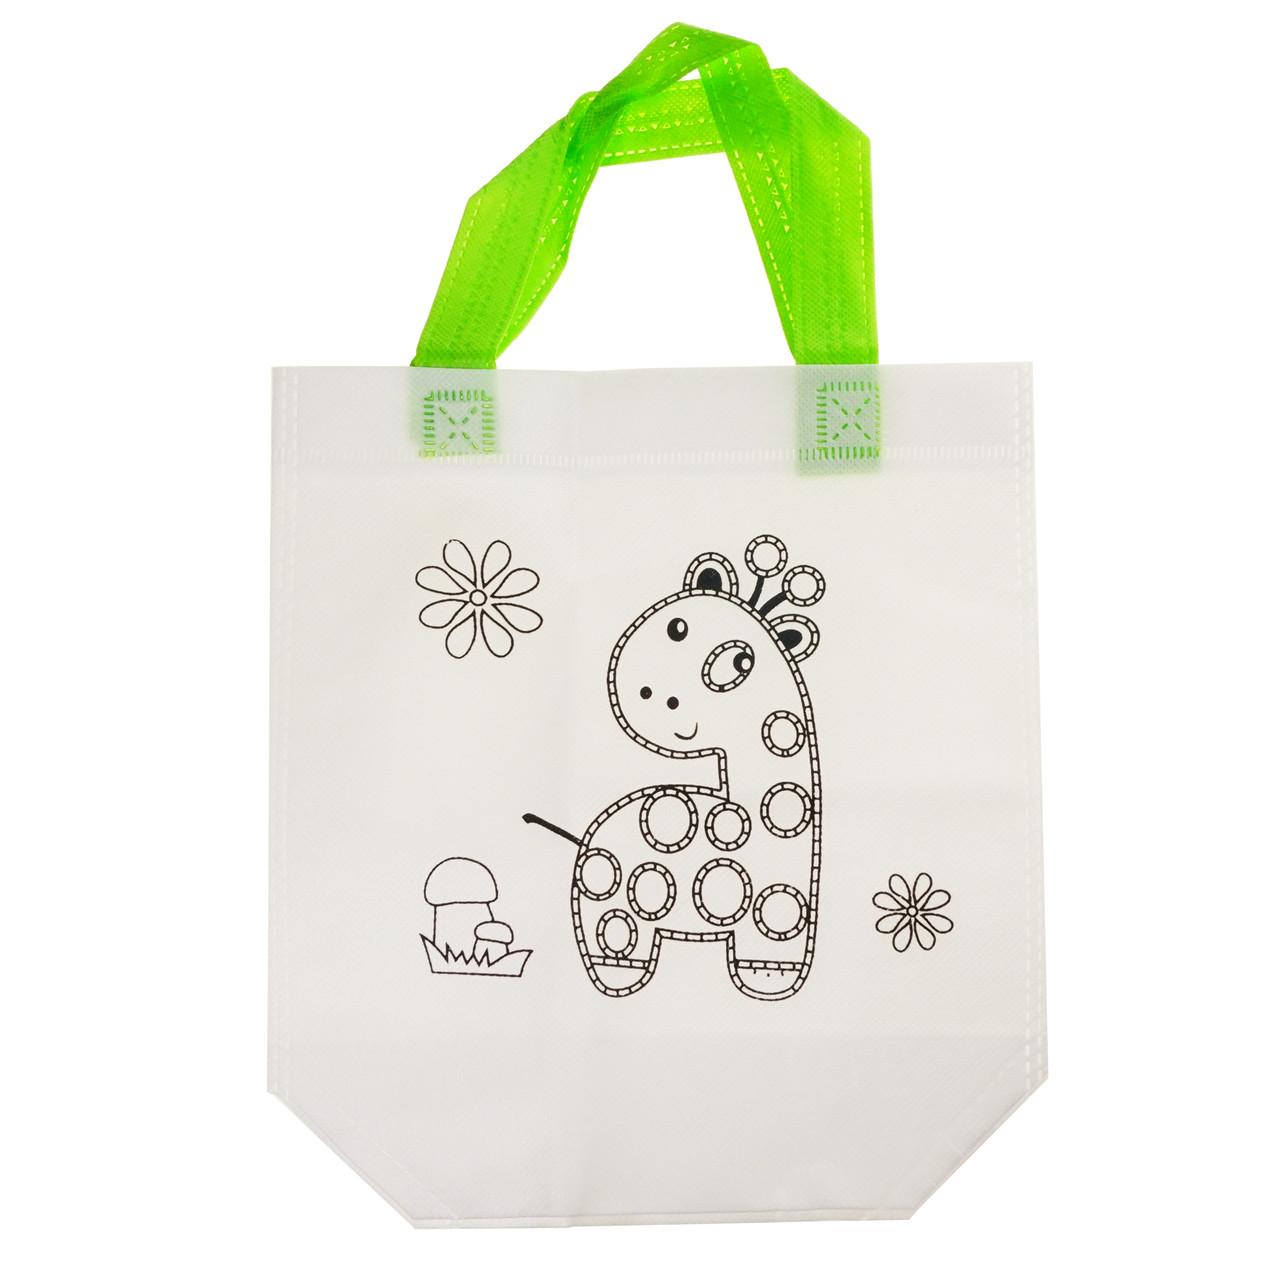 Детская сумка раскраска Жираф - эко сумка набор для раскрашивания с фломастерами